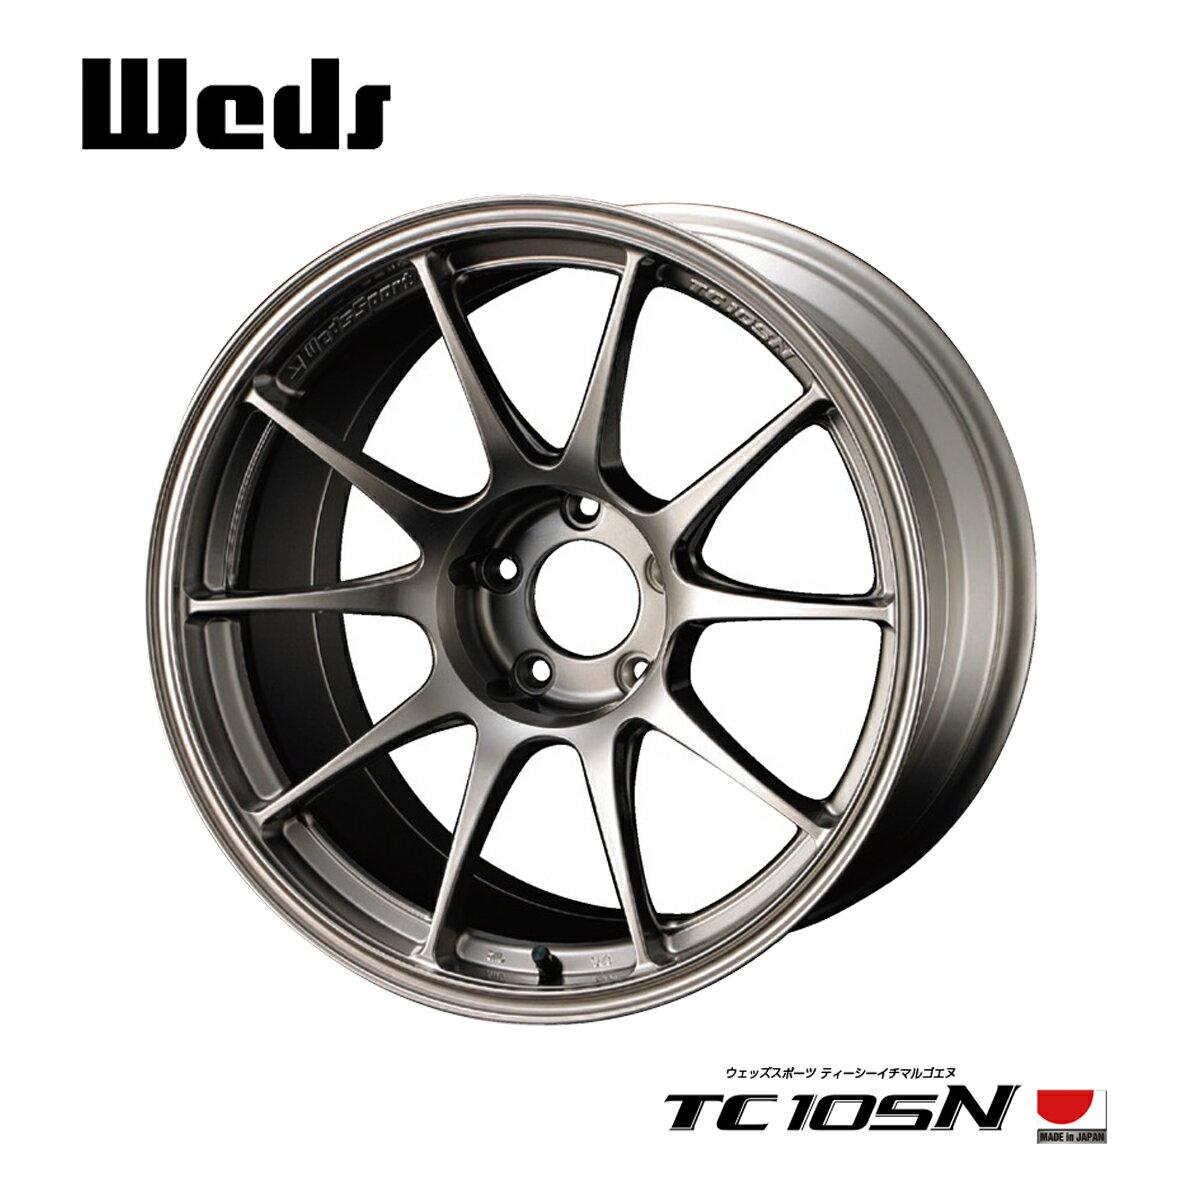 ウエッズスポーツ WedsSport TC105N ホイール 1本 15 インチ 4H100 6.5J+43 ウェッズ WEDS